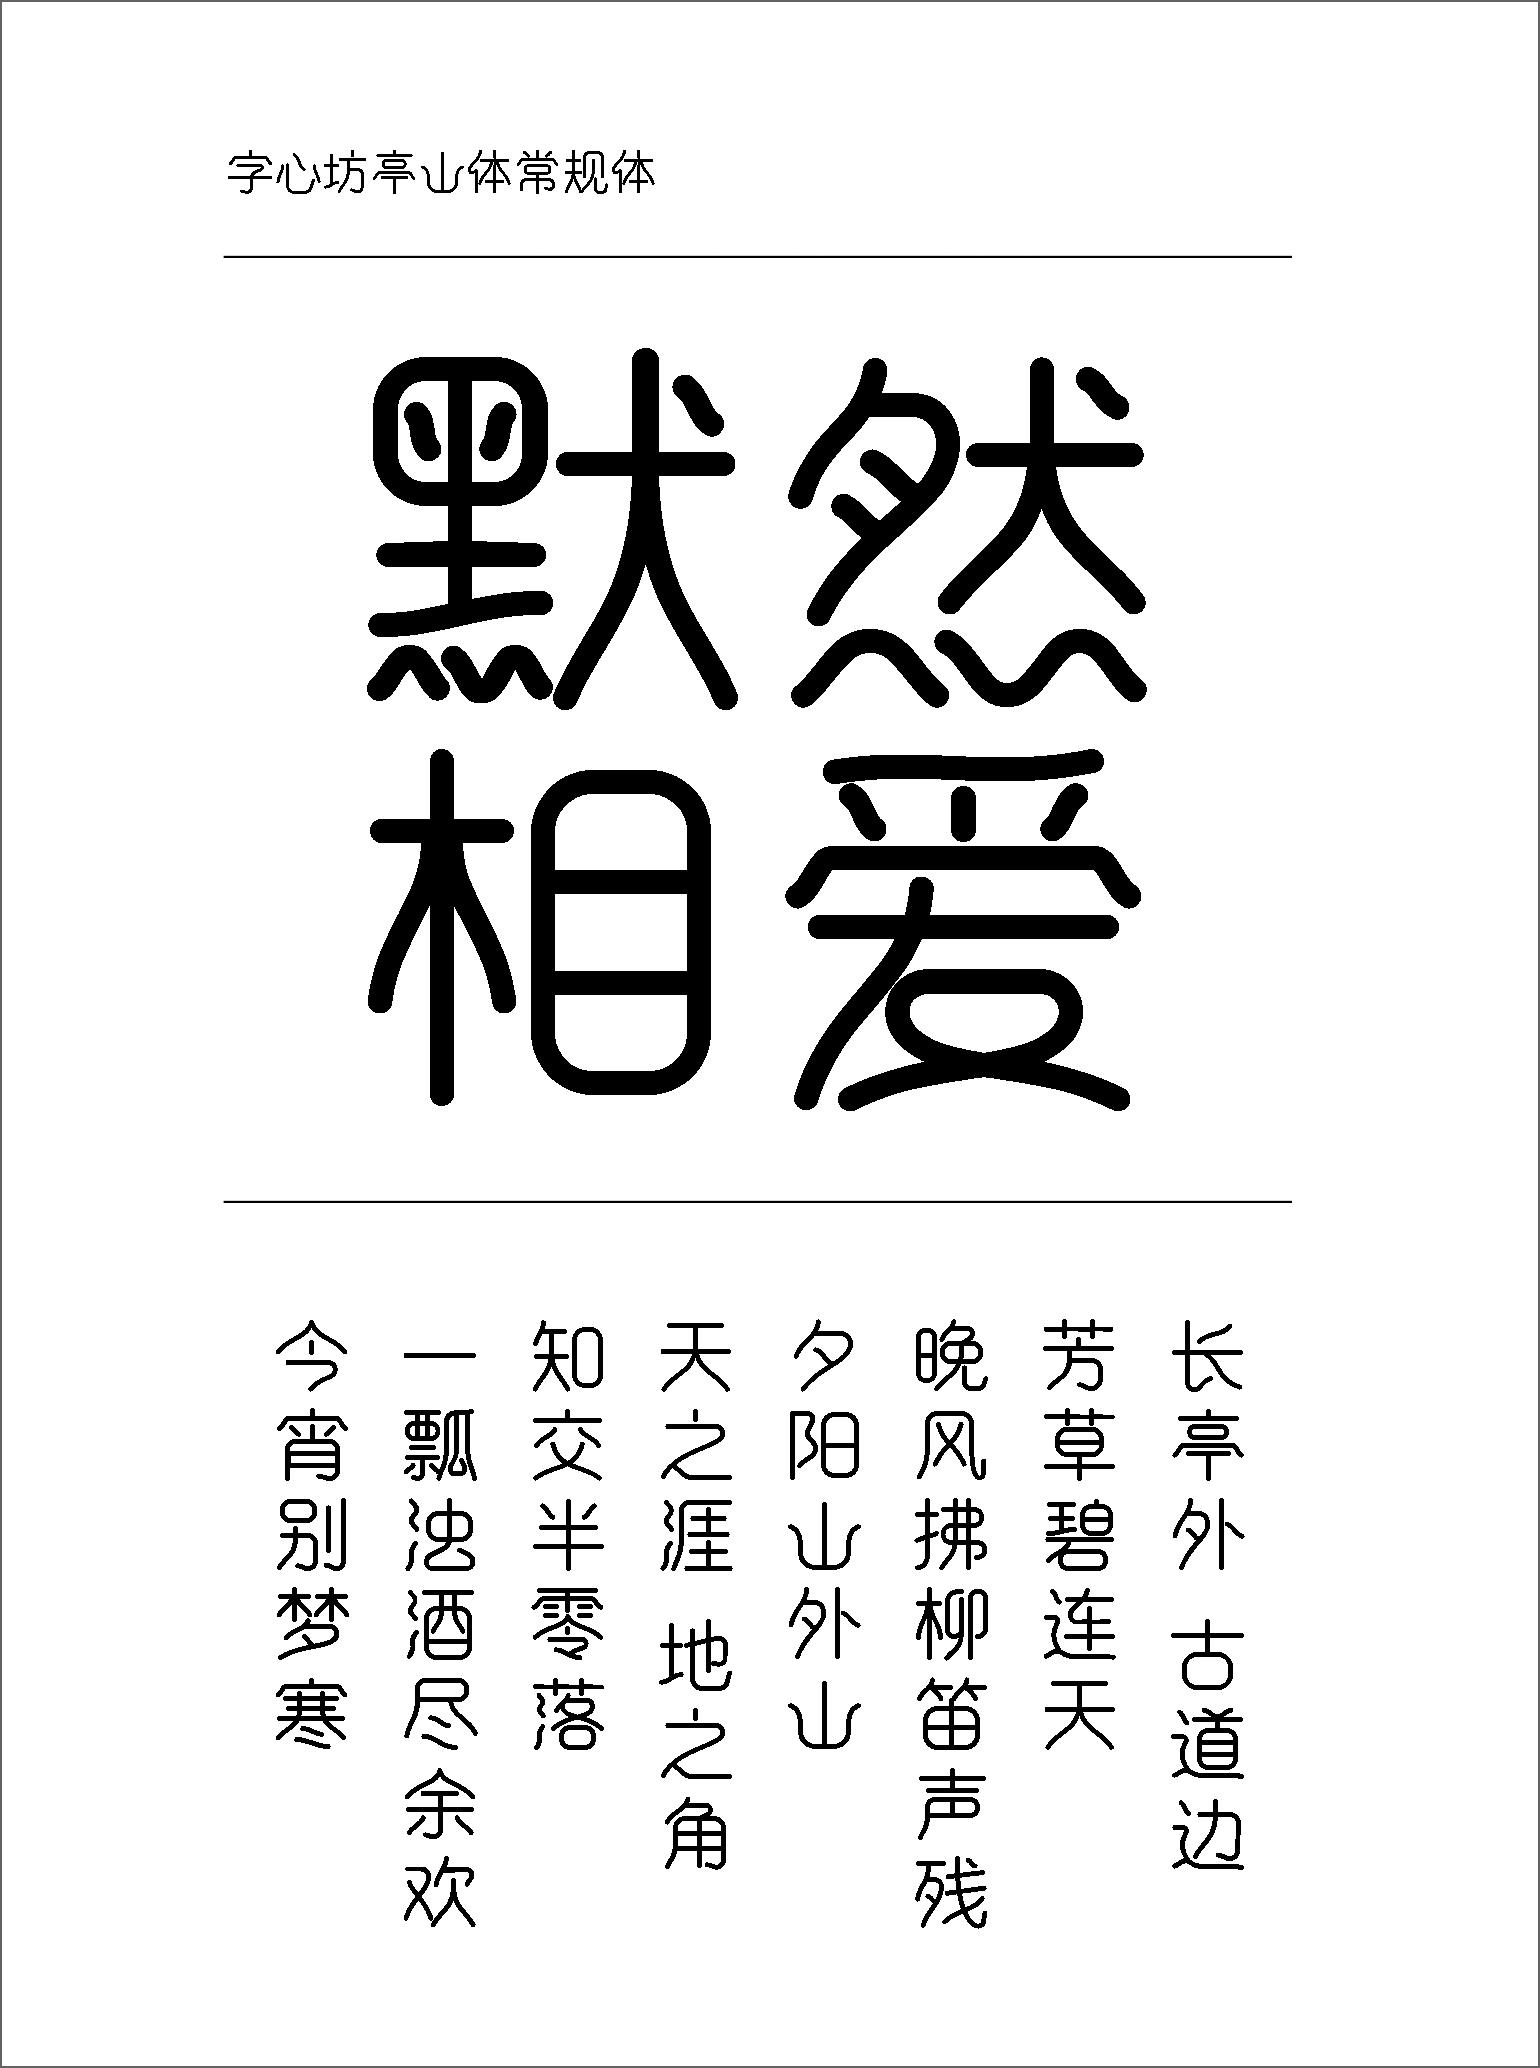 字心坊亭山体